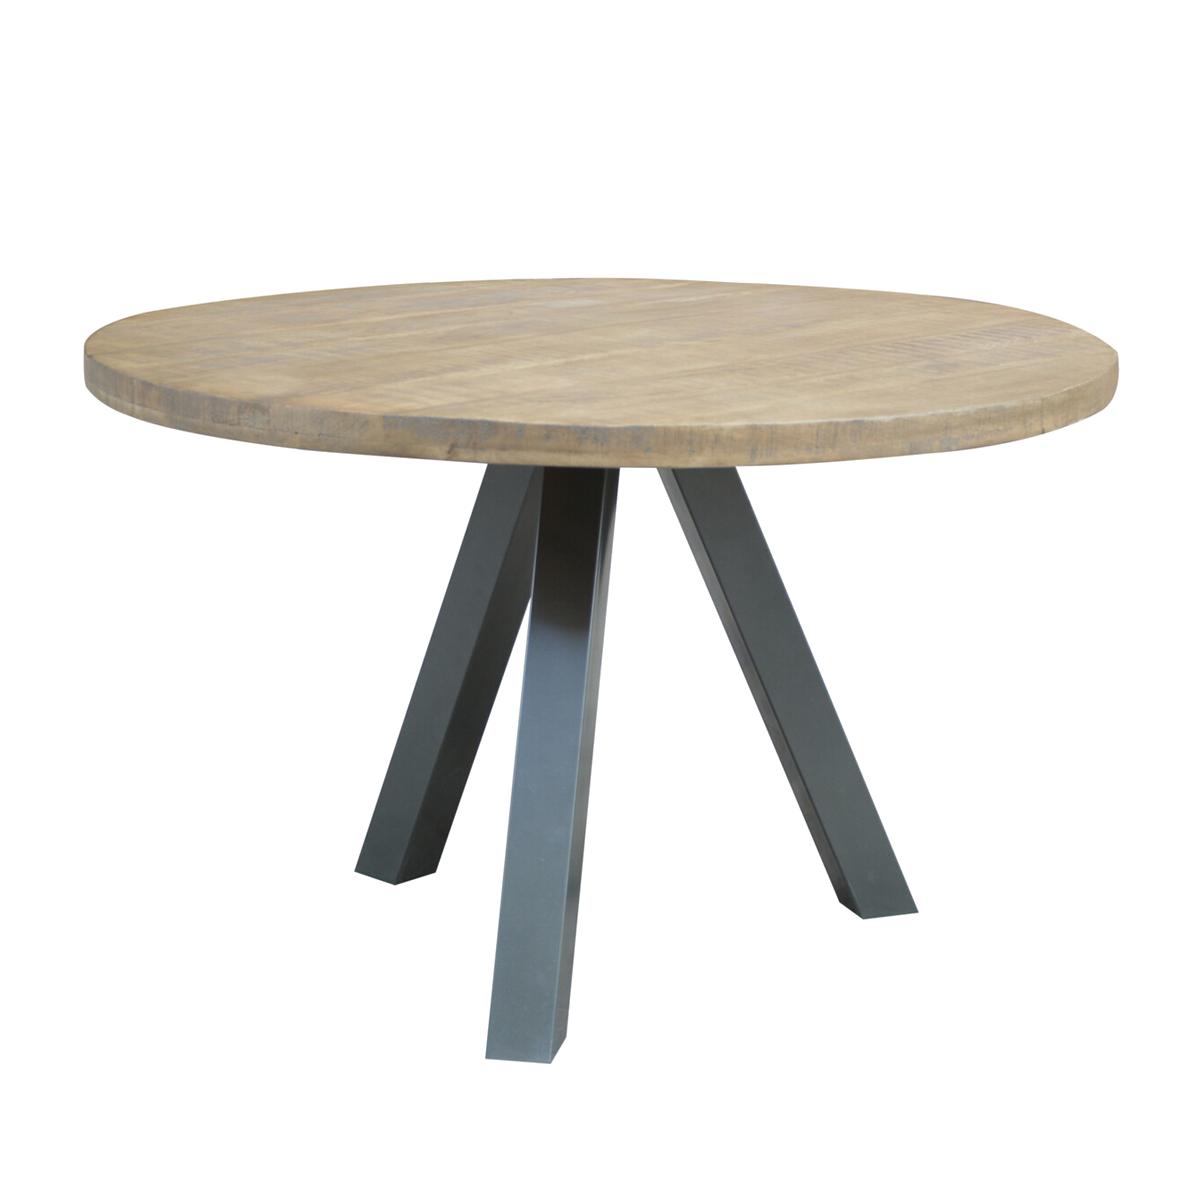 Runder Esstisch Tischplatte aus Mangoholz Beine Metall antiksilber